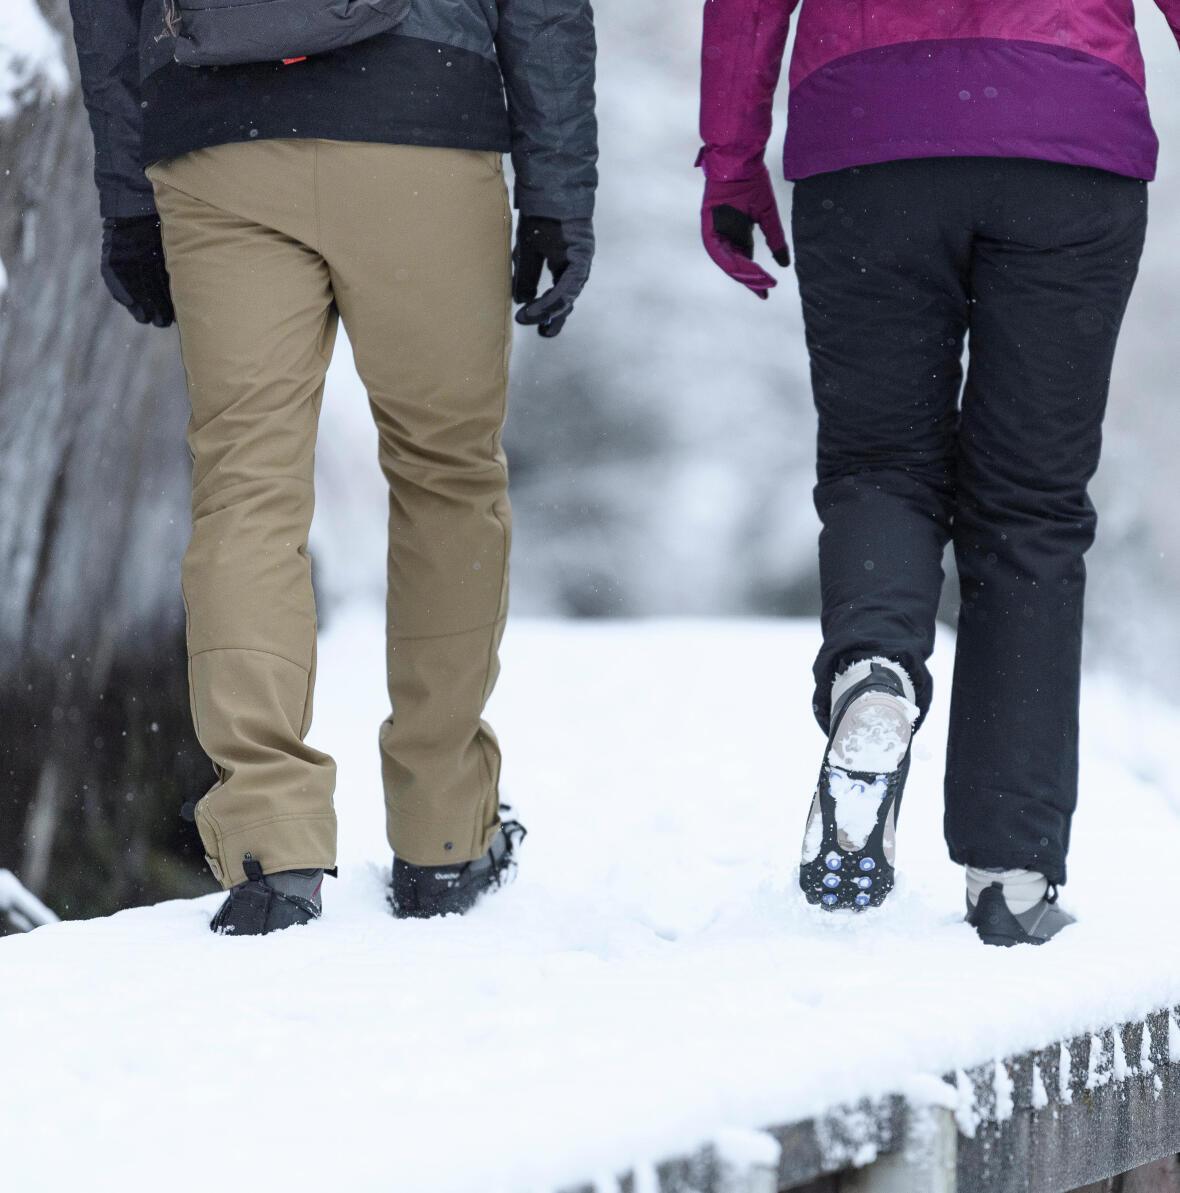 登山時避免穿著牛仔褲,並選擇合適的登山褲